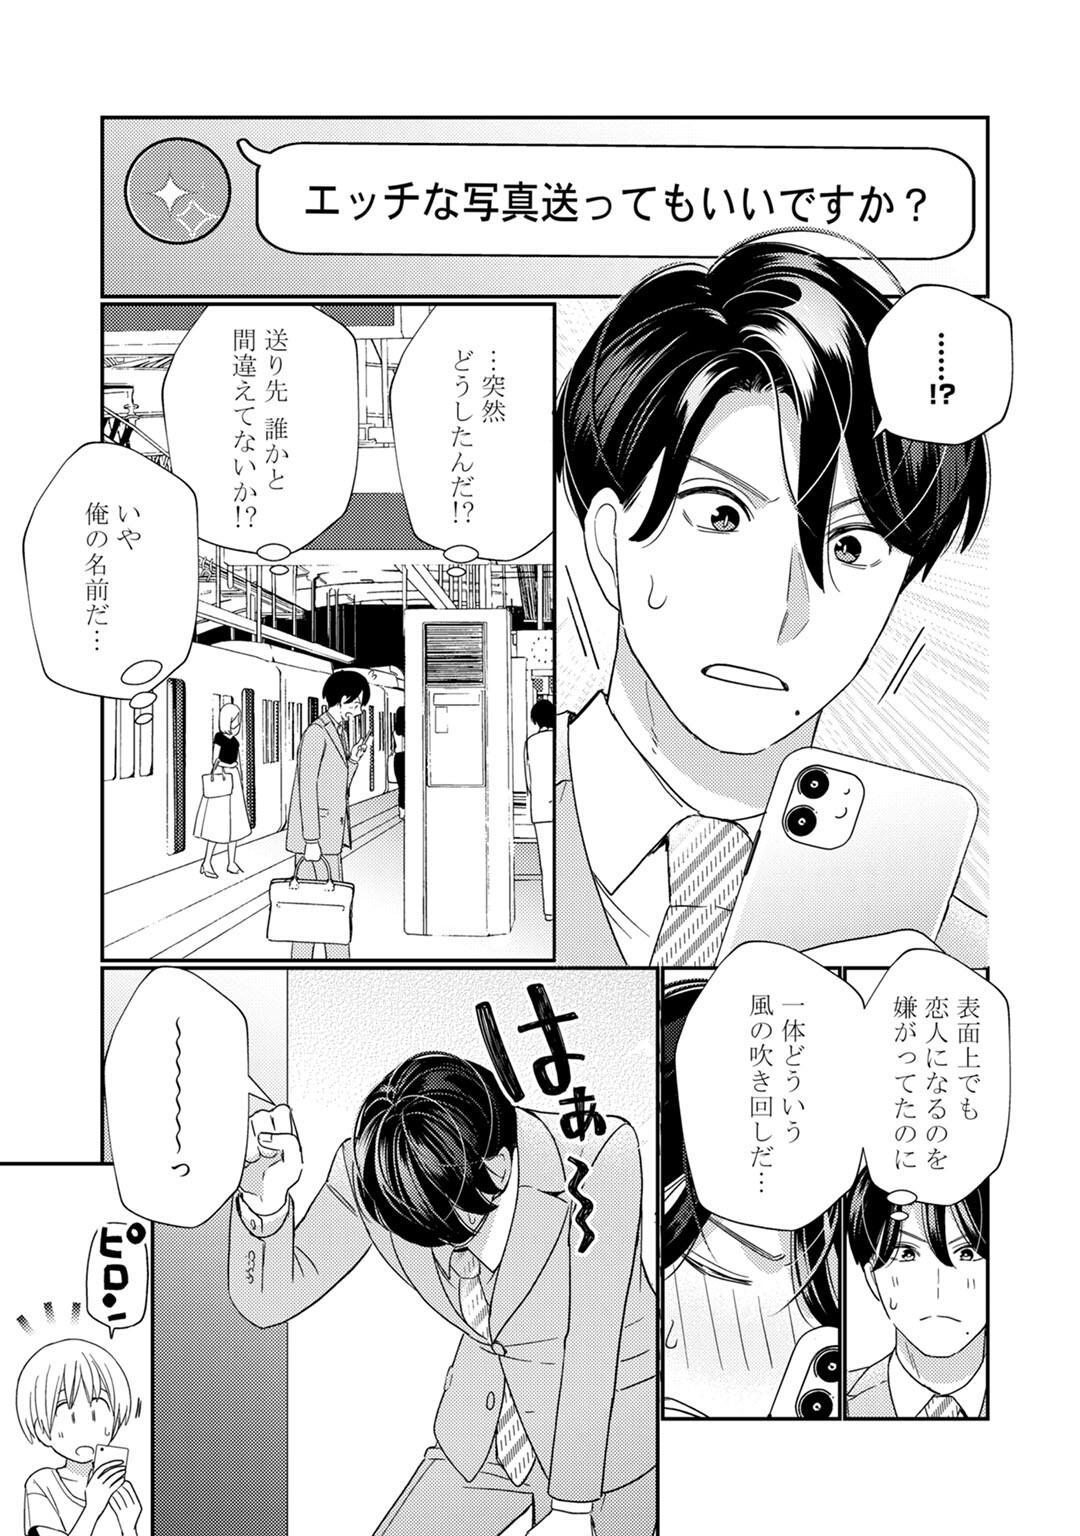 [Okonogi Happa] Kyonyuu-chan to Kyokon Joushi -Kaisha de Musabori Sex- act. 7 16